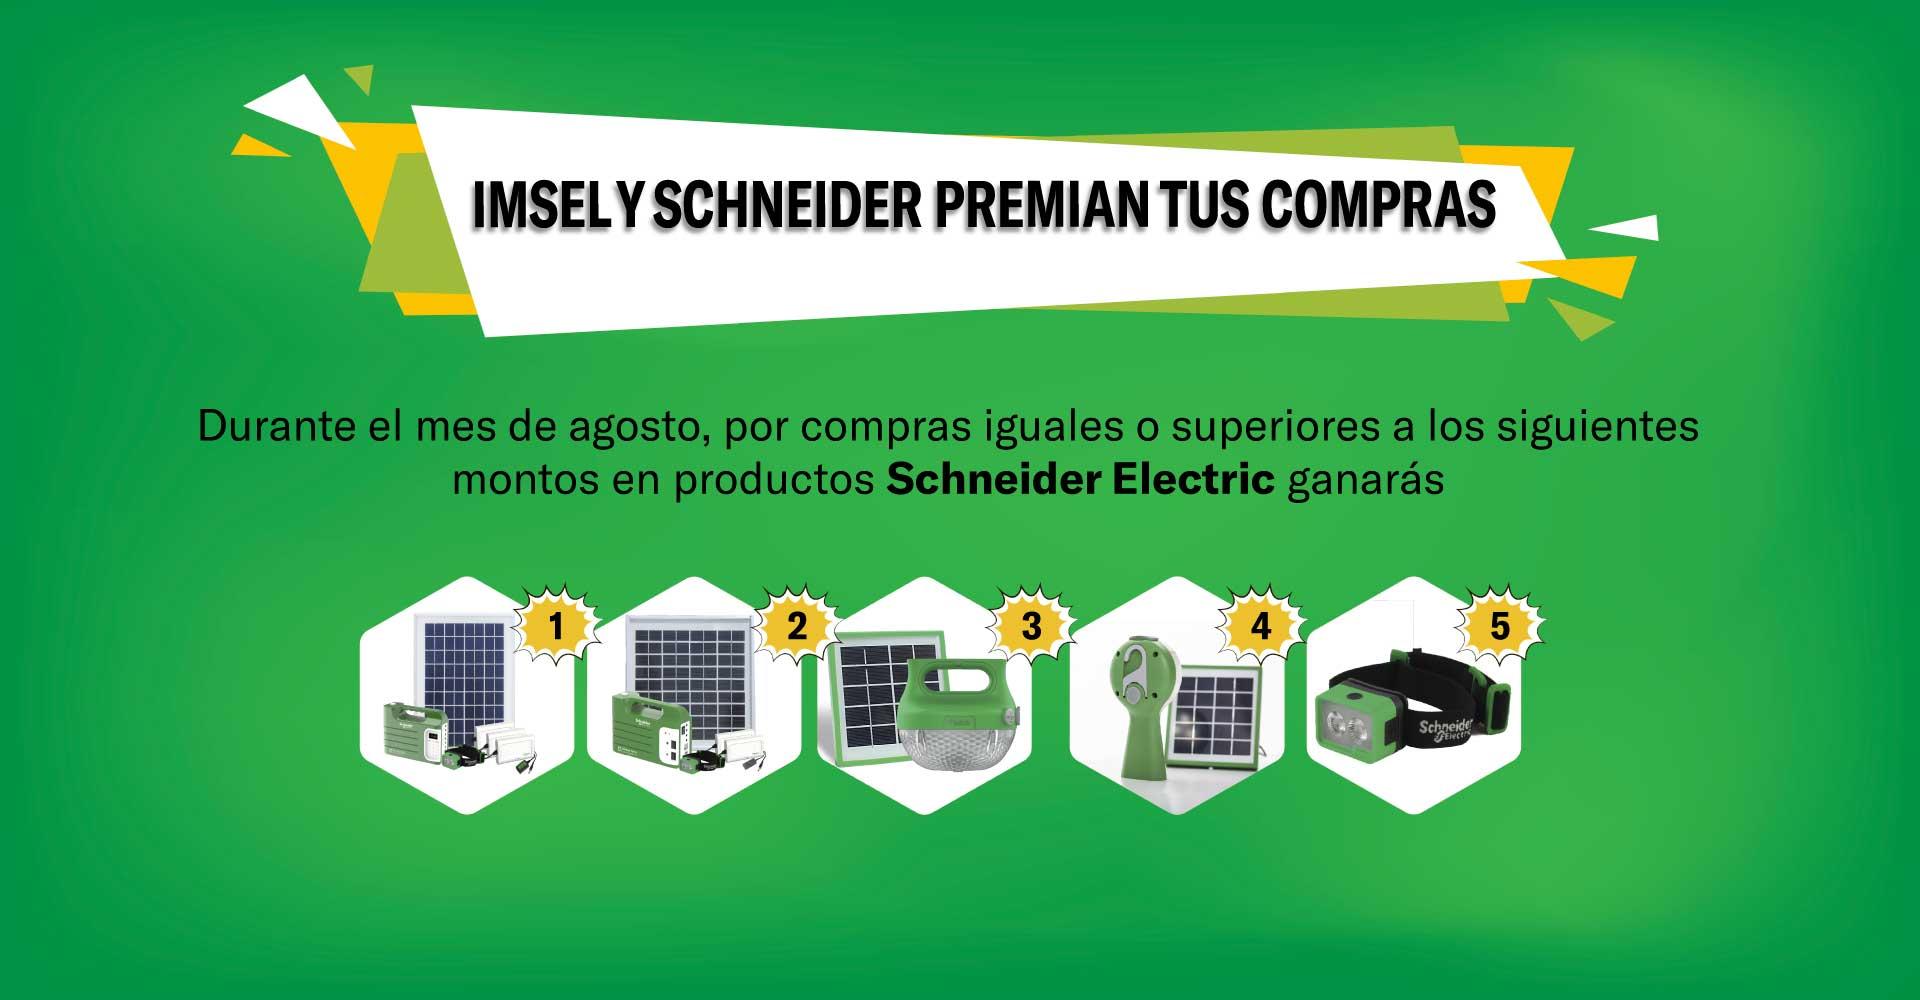 En Agosto Imsel y Schneider Electric premian tus compras